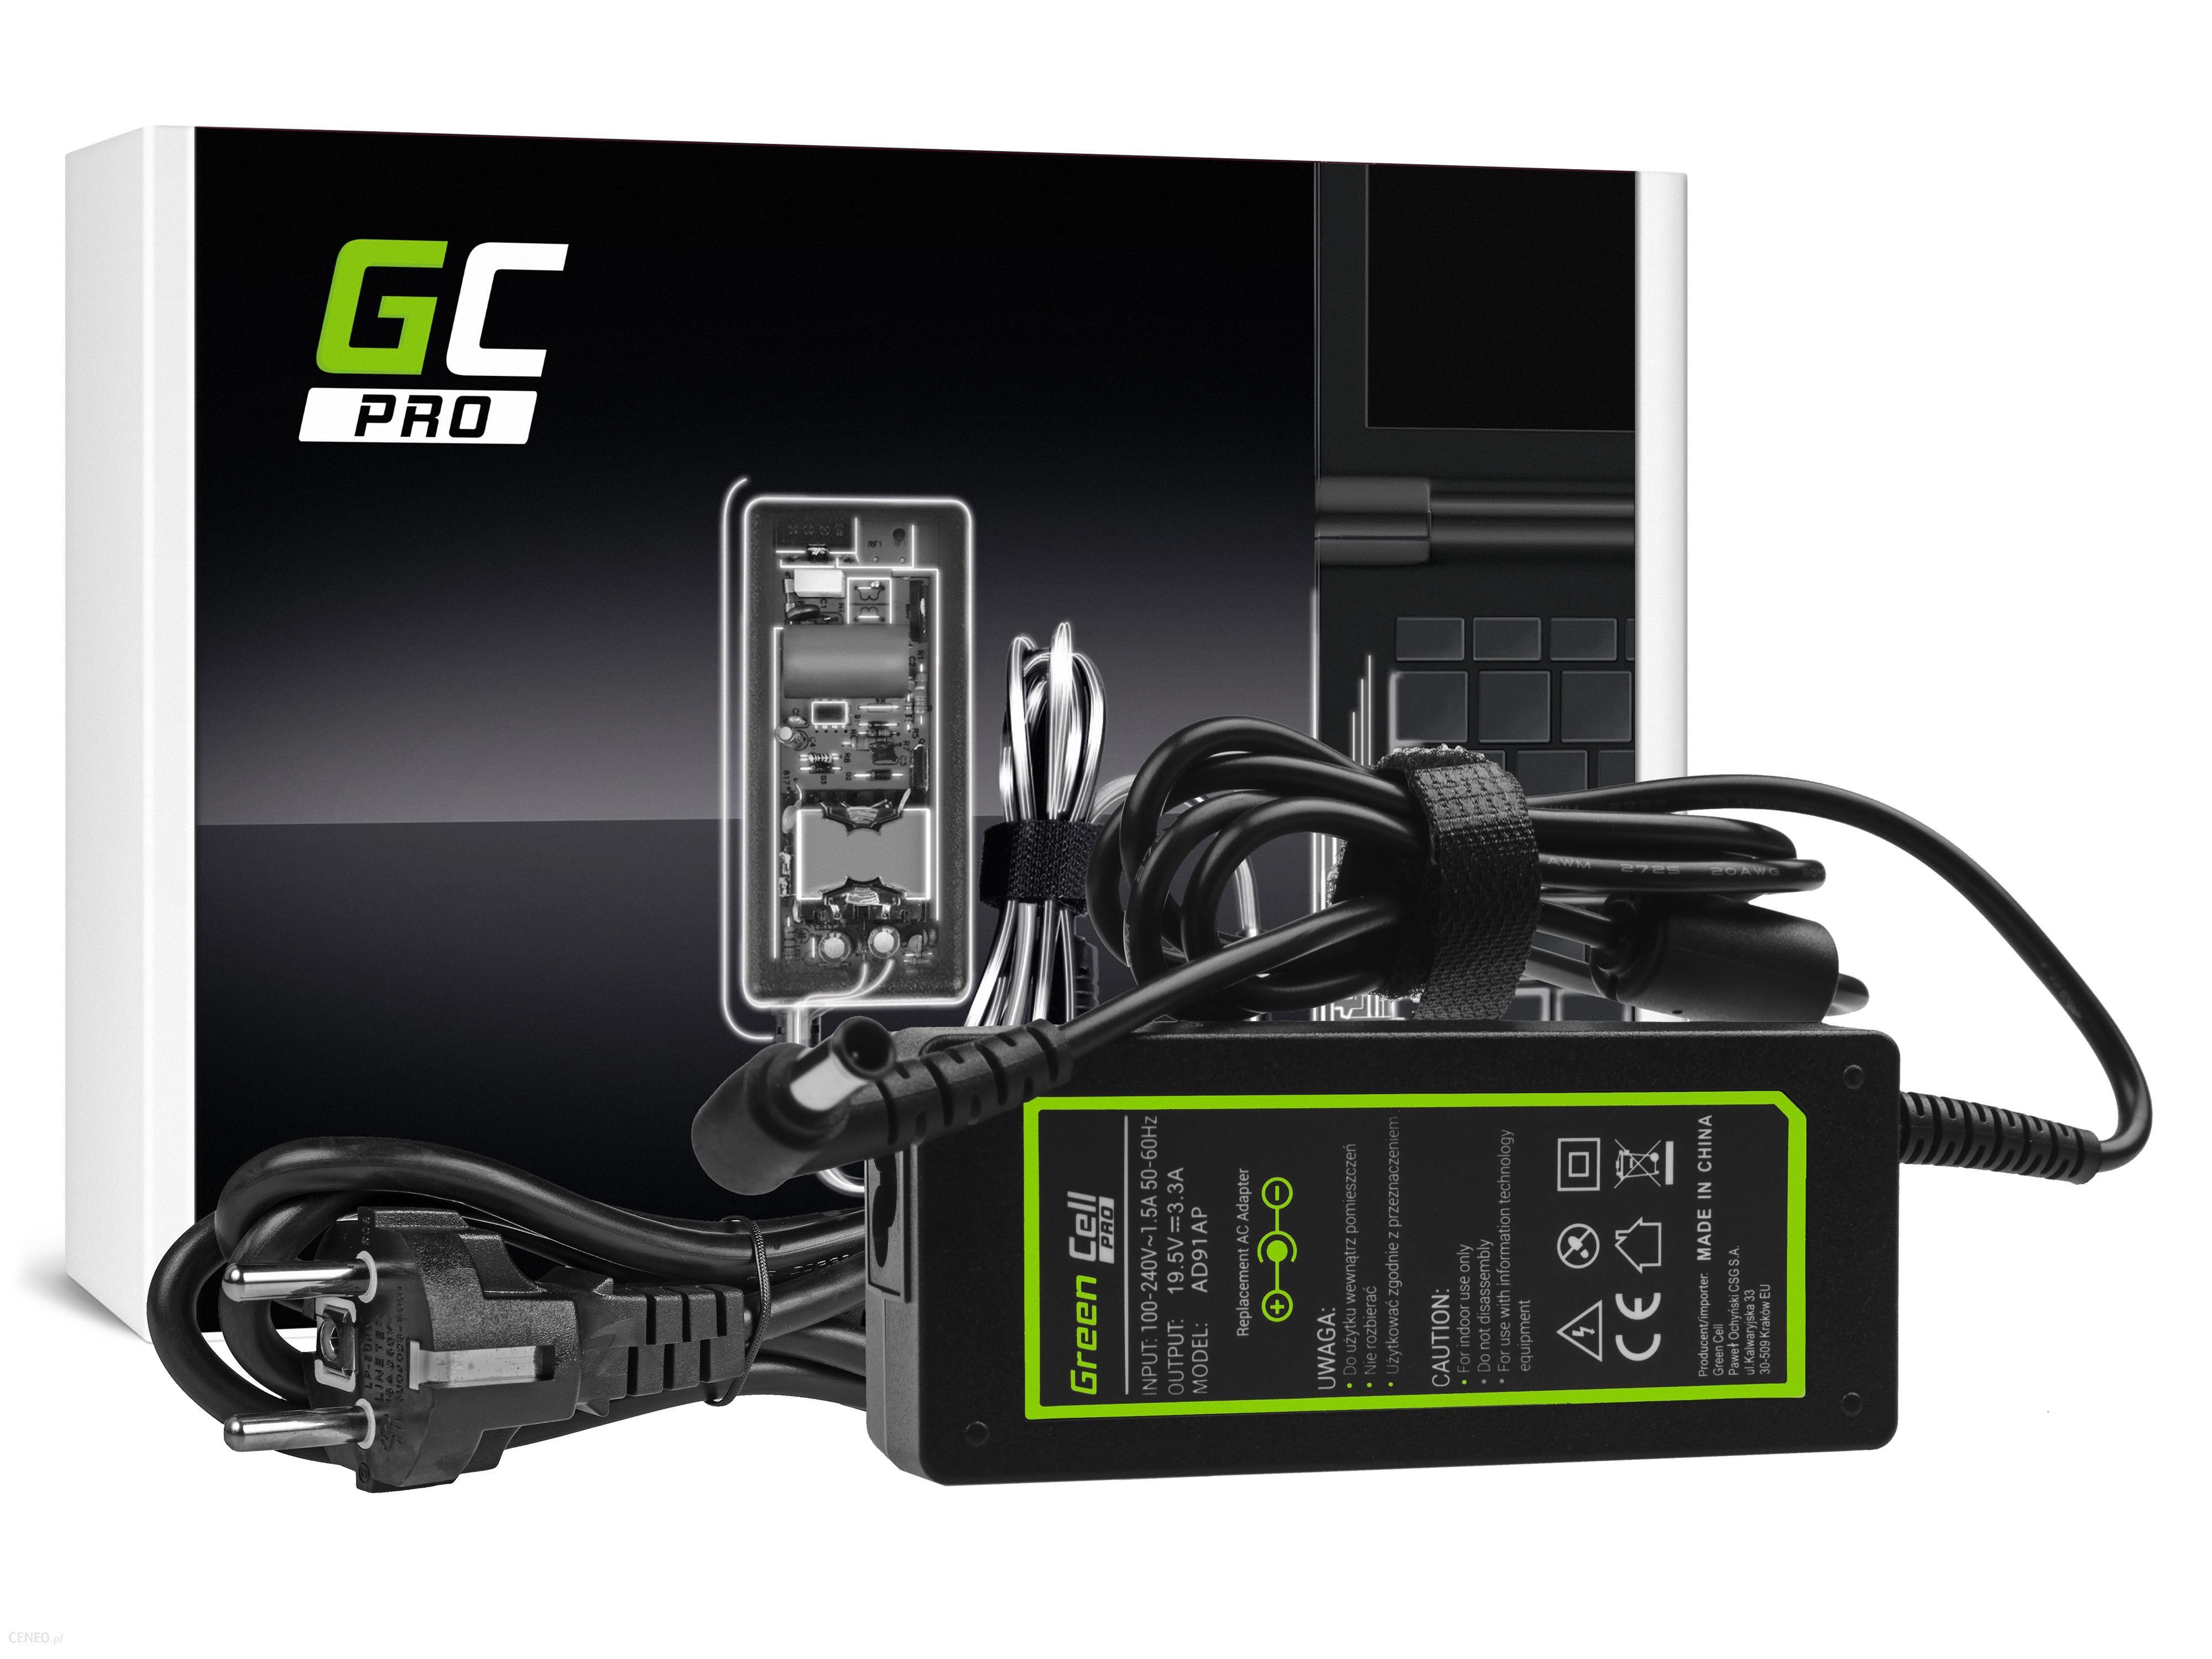 Green Cell Zasilacz PRO 19.5V 3.34A 65W do Sony Vaio SVF14 SVF15 SVF152A29M SVF1521C6EW SVF15AA1QM (AD91AP)